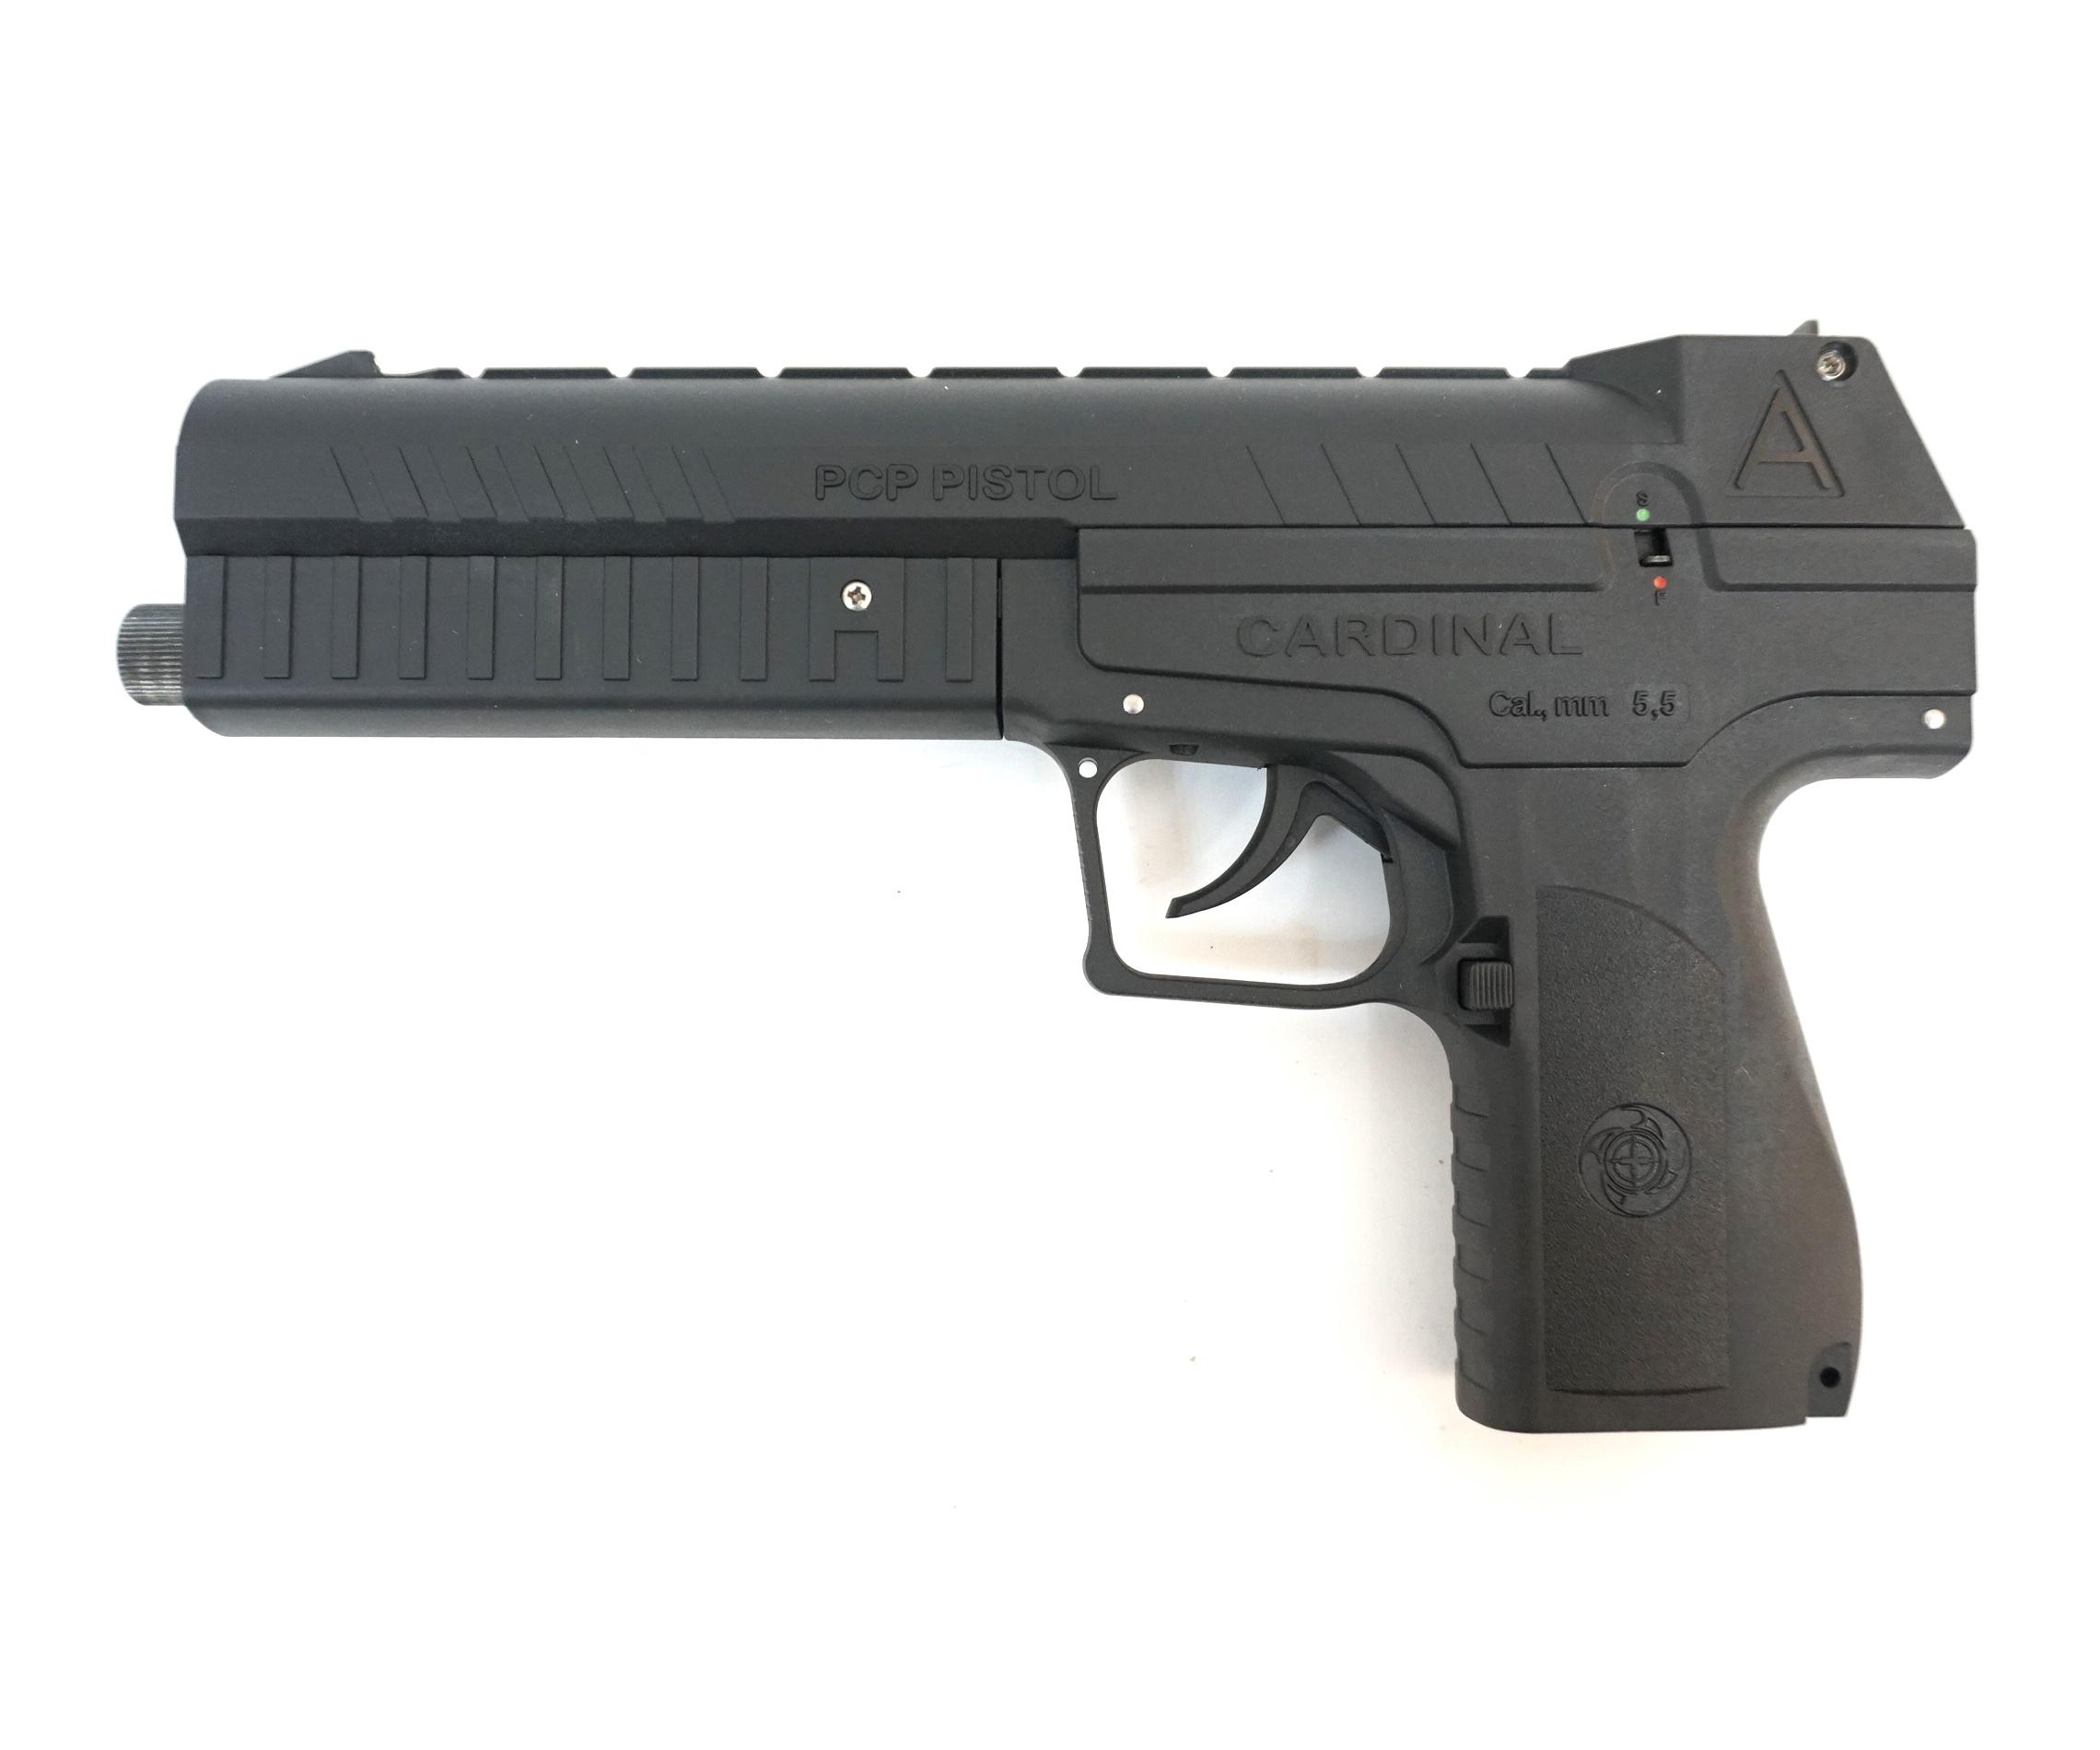 Пневматический пистолет Cardinal (PCP, УСМ двойного действия) 5,5 мм купить! Цена в Москве, СПБ